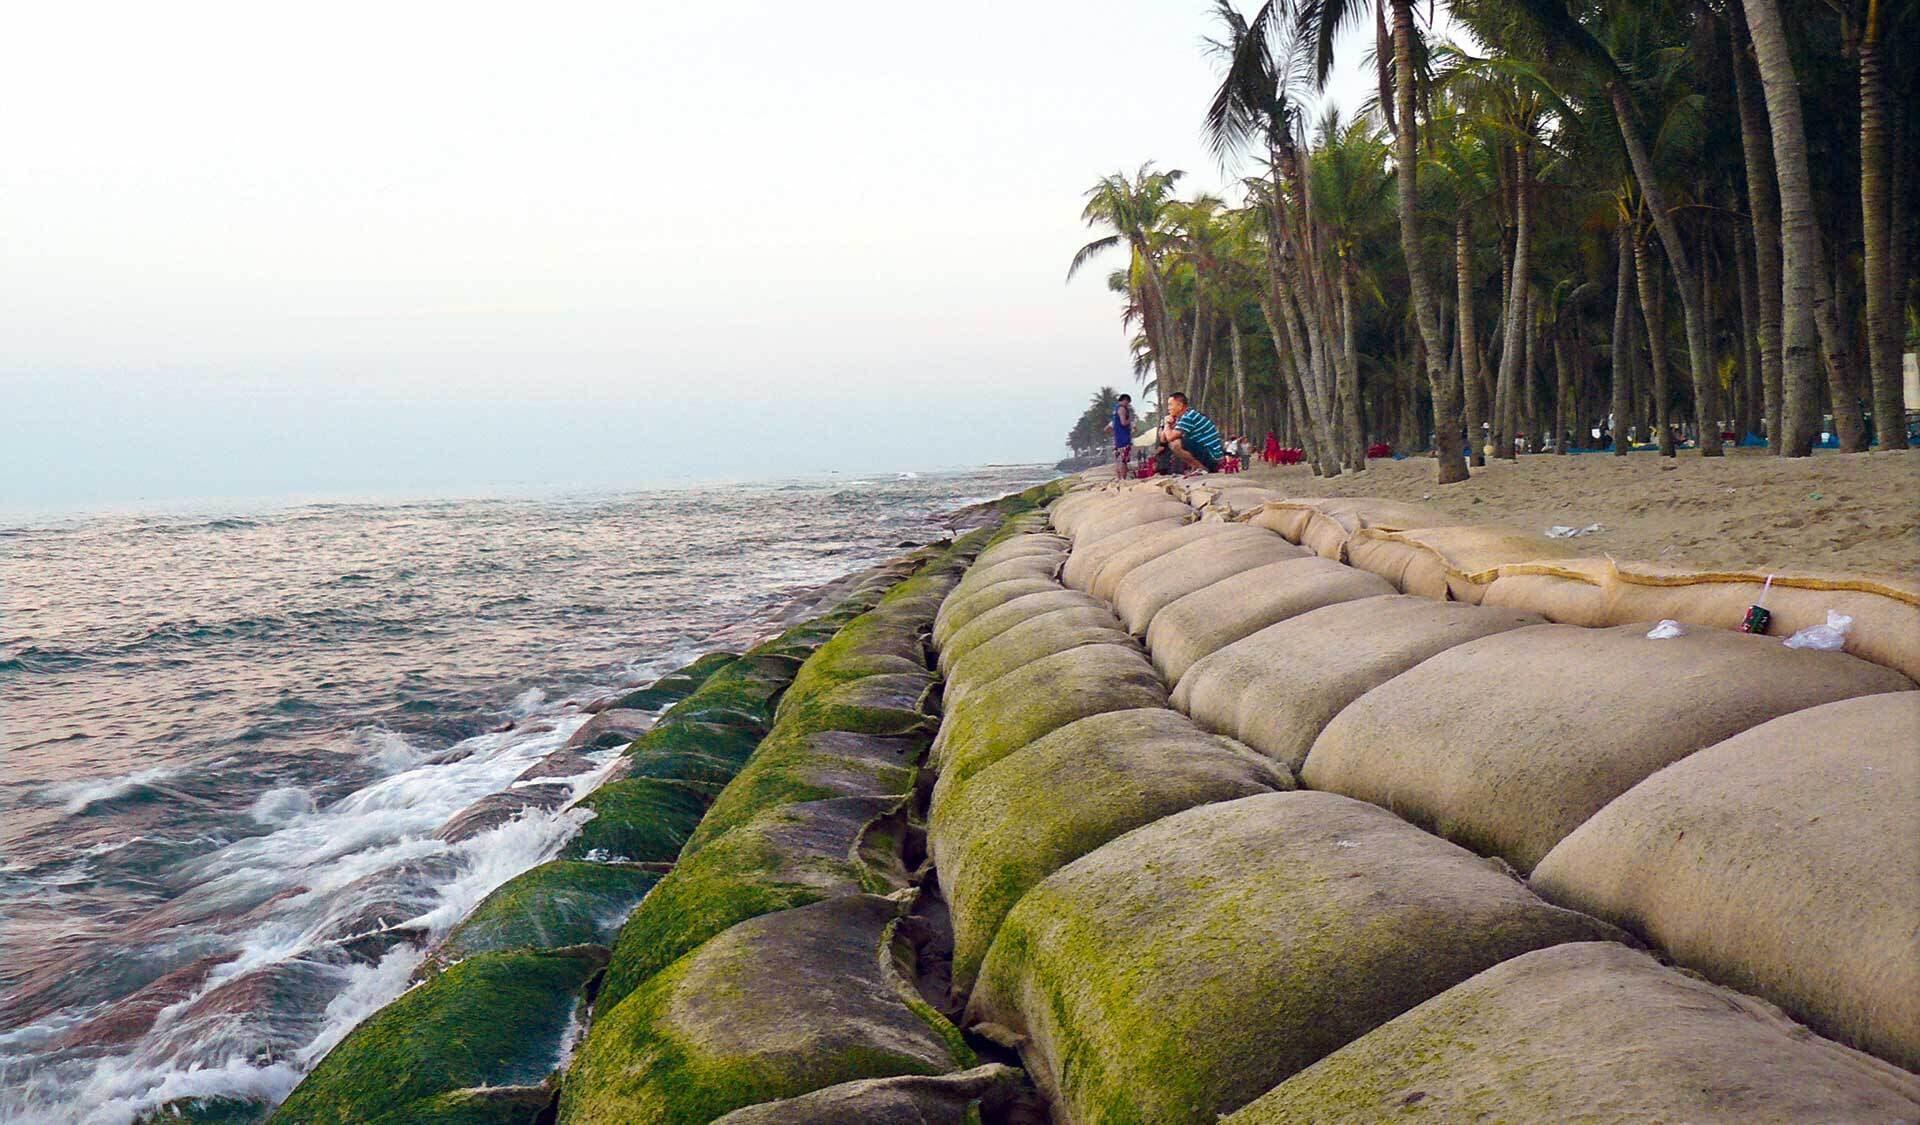 Mit Sandsäcken befestigter Strand in Vietnam